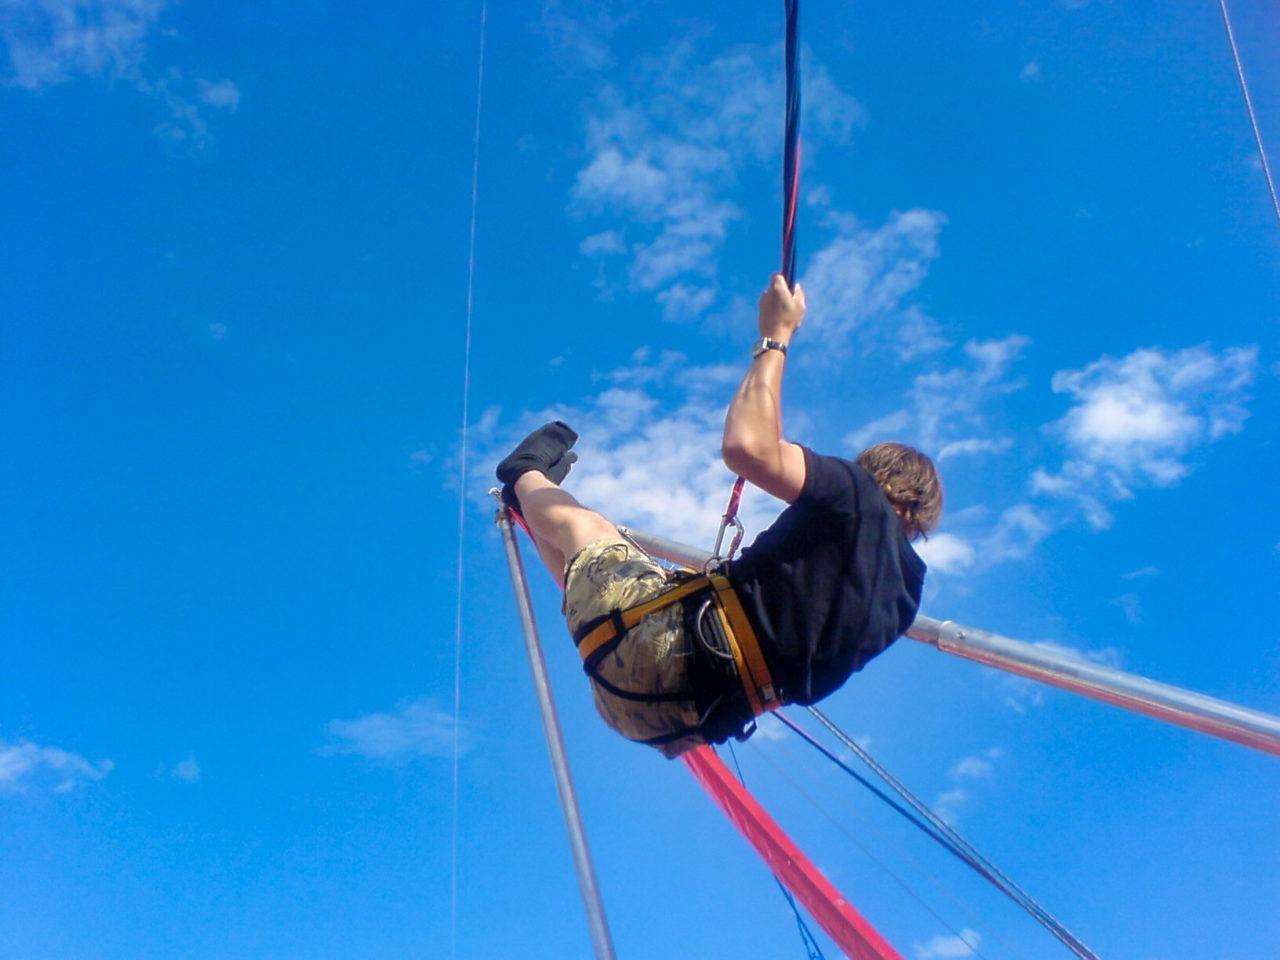 RH in een spring elastiek trampoline ding apparaat schiet voorwerp 01